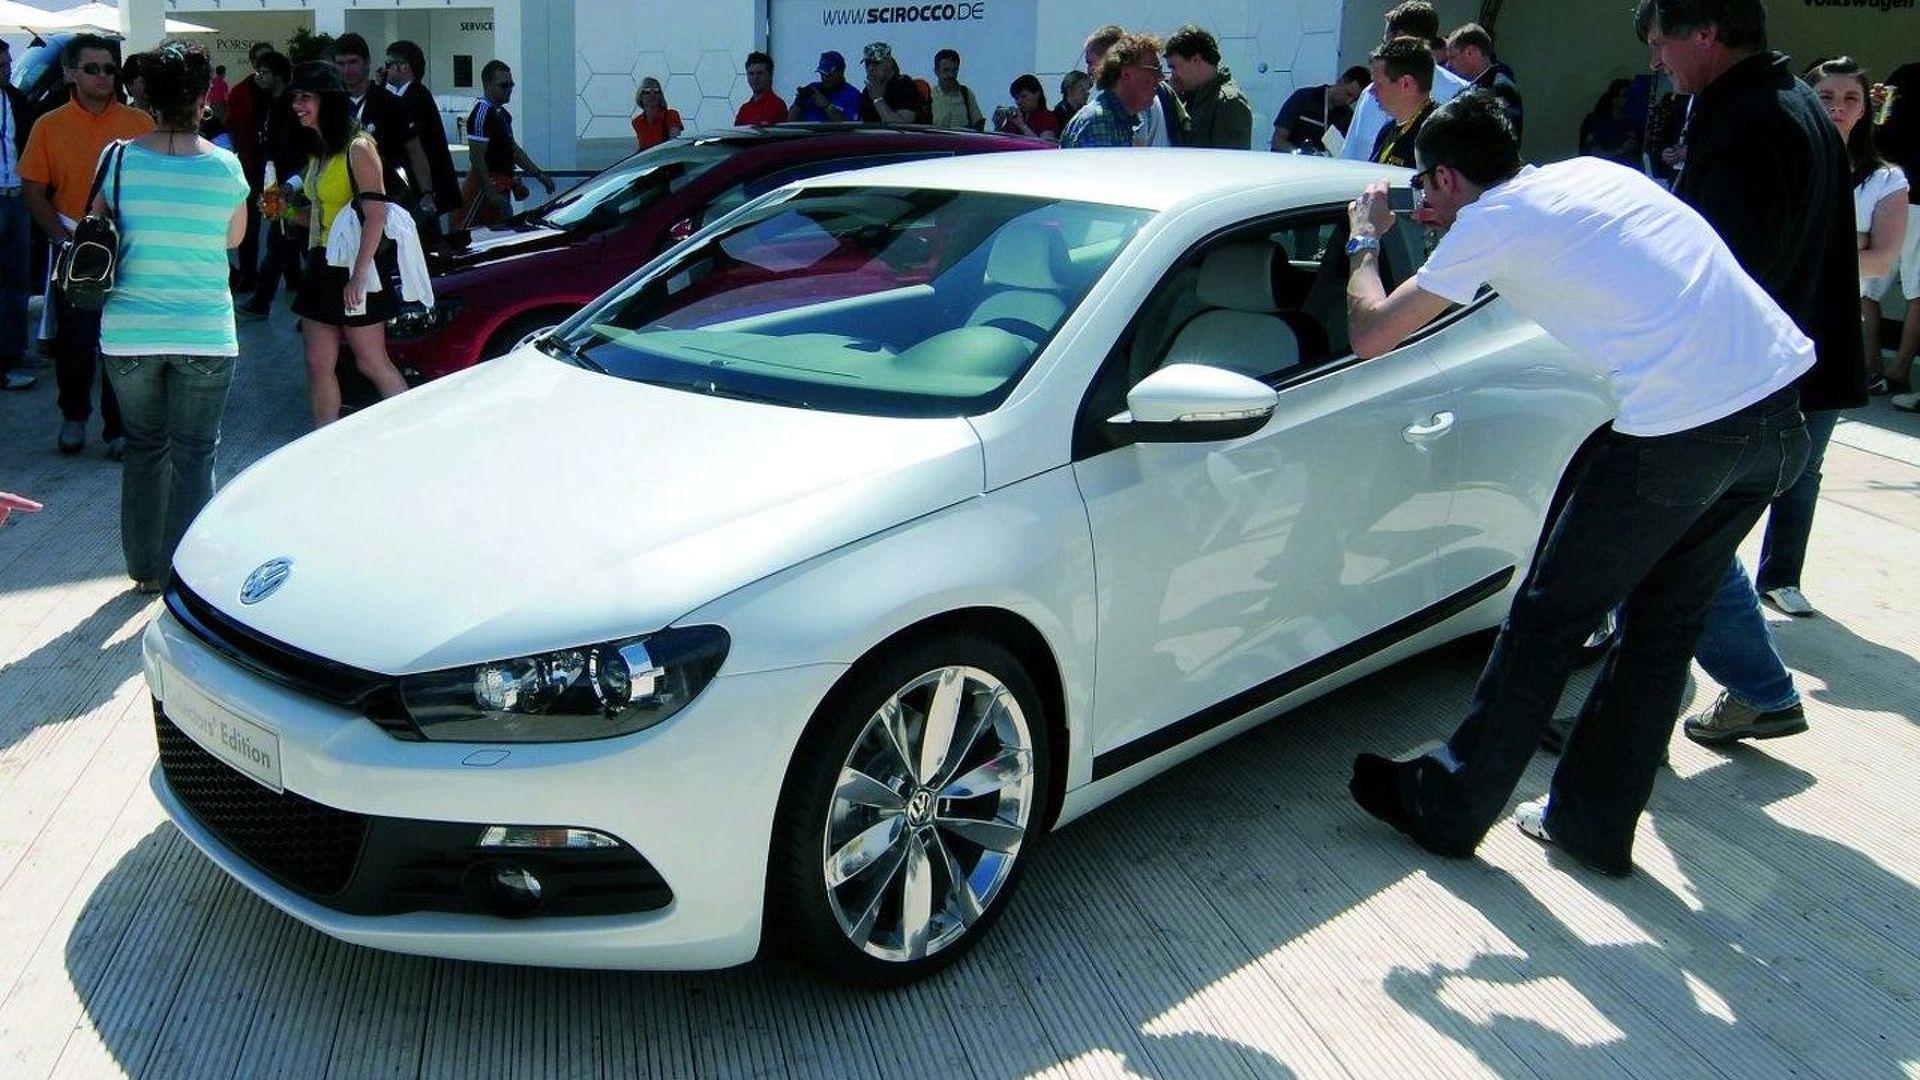 Volkswagen scirocco for sale in usa - Volkswagen Scirocco For Sale In Usa 43